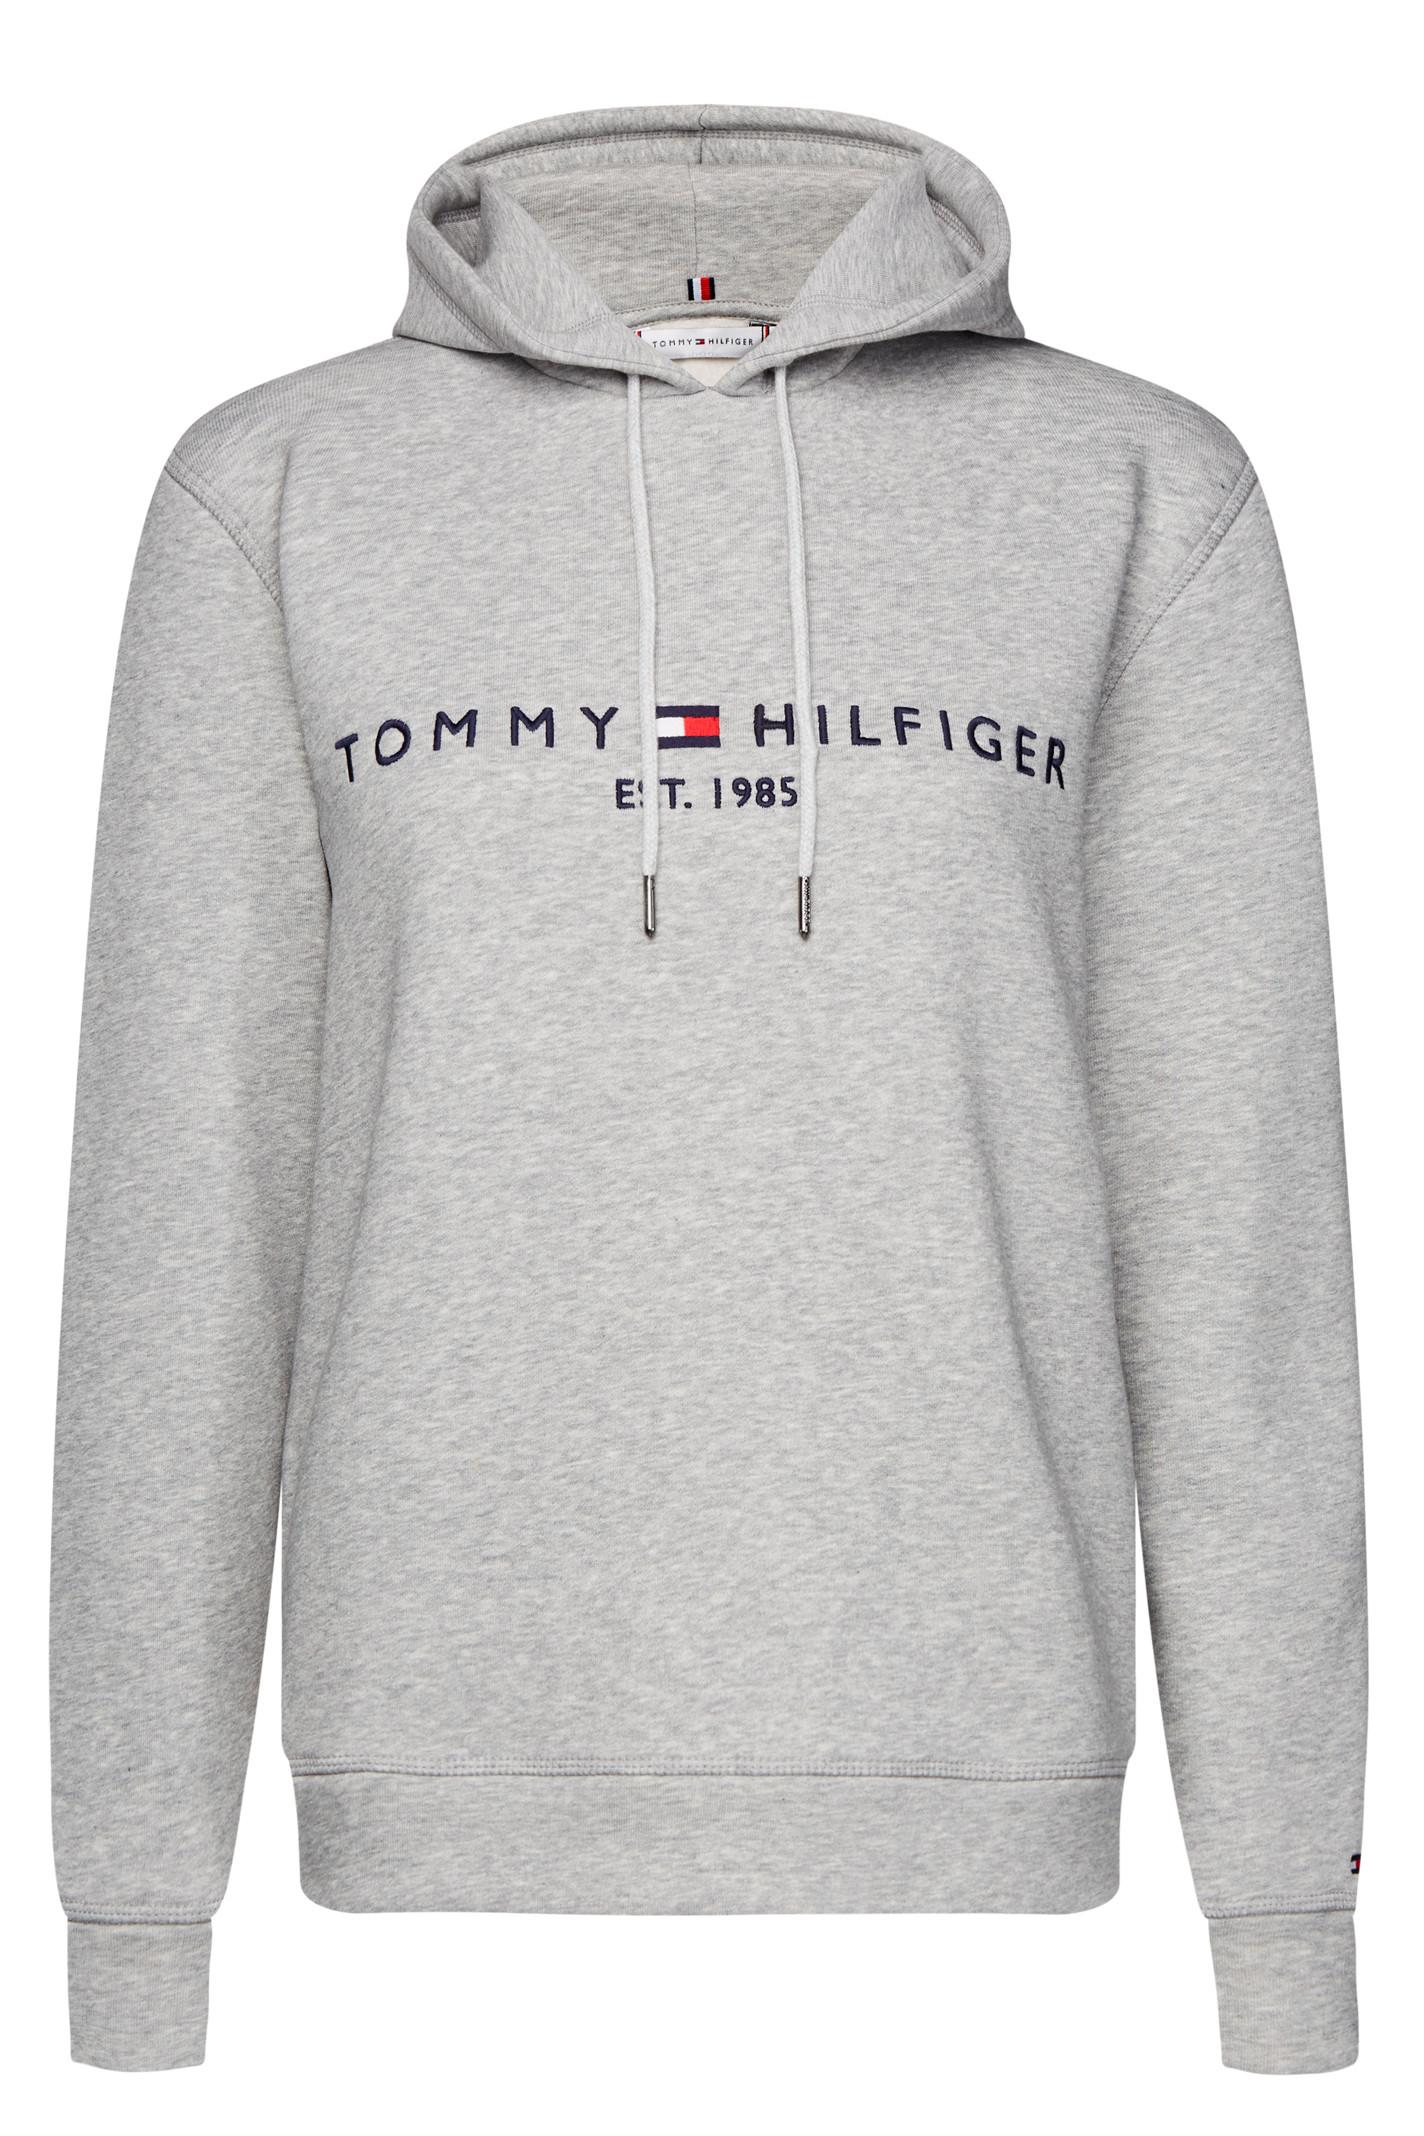 TOMMY HILFIGER ESS HOOD 26410 LT.GREY MELANGE